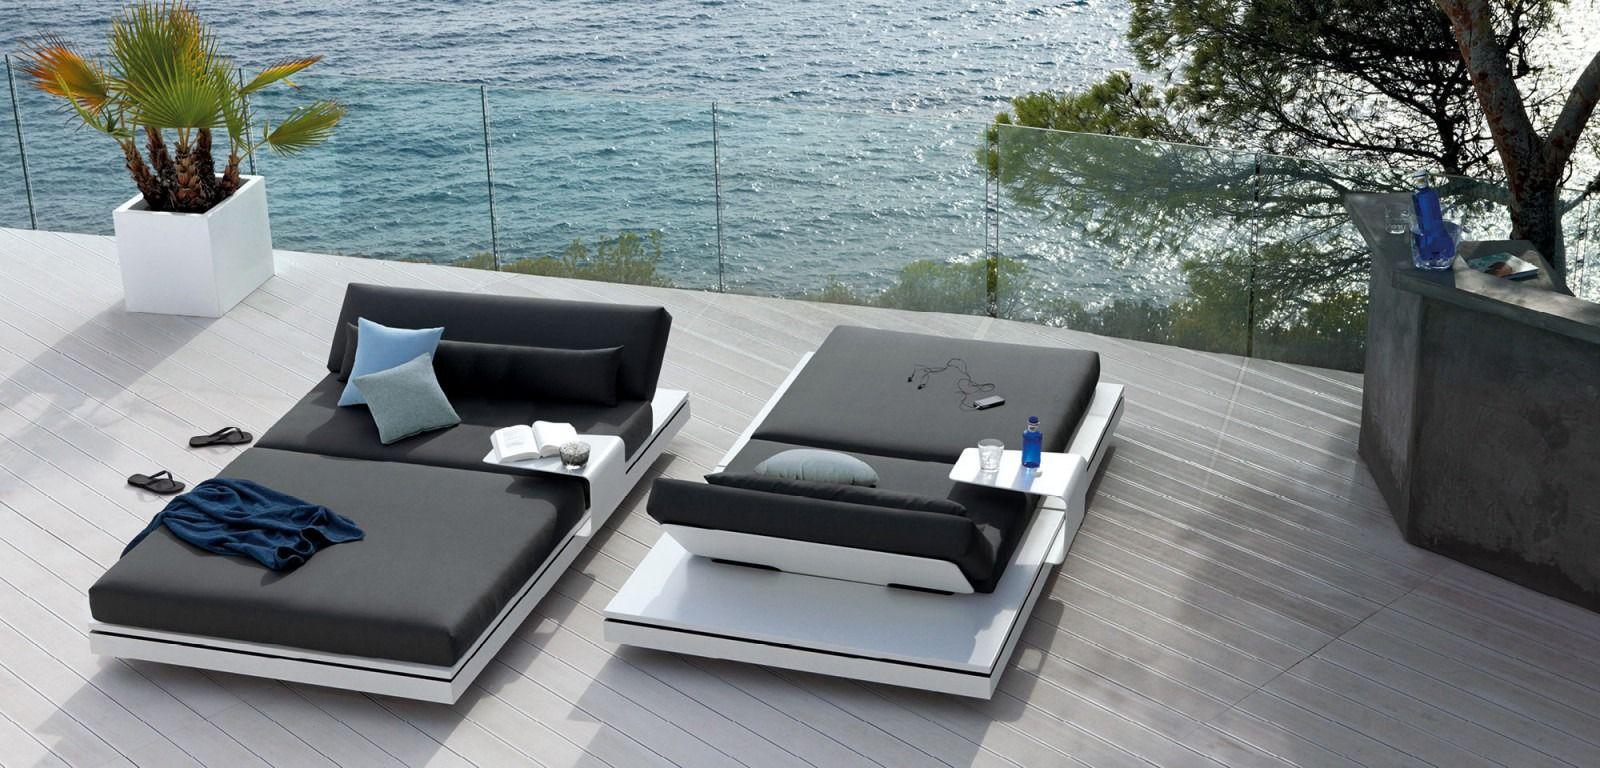 De Ideale Luxe Ligstoel Voor In Jouw Tuin Tuinset